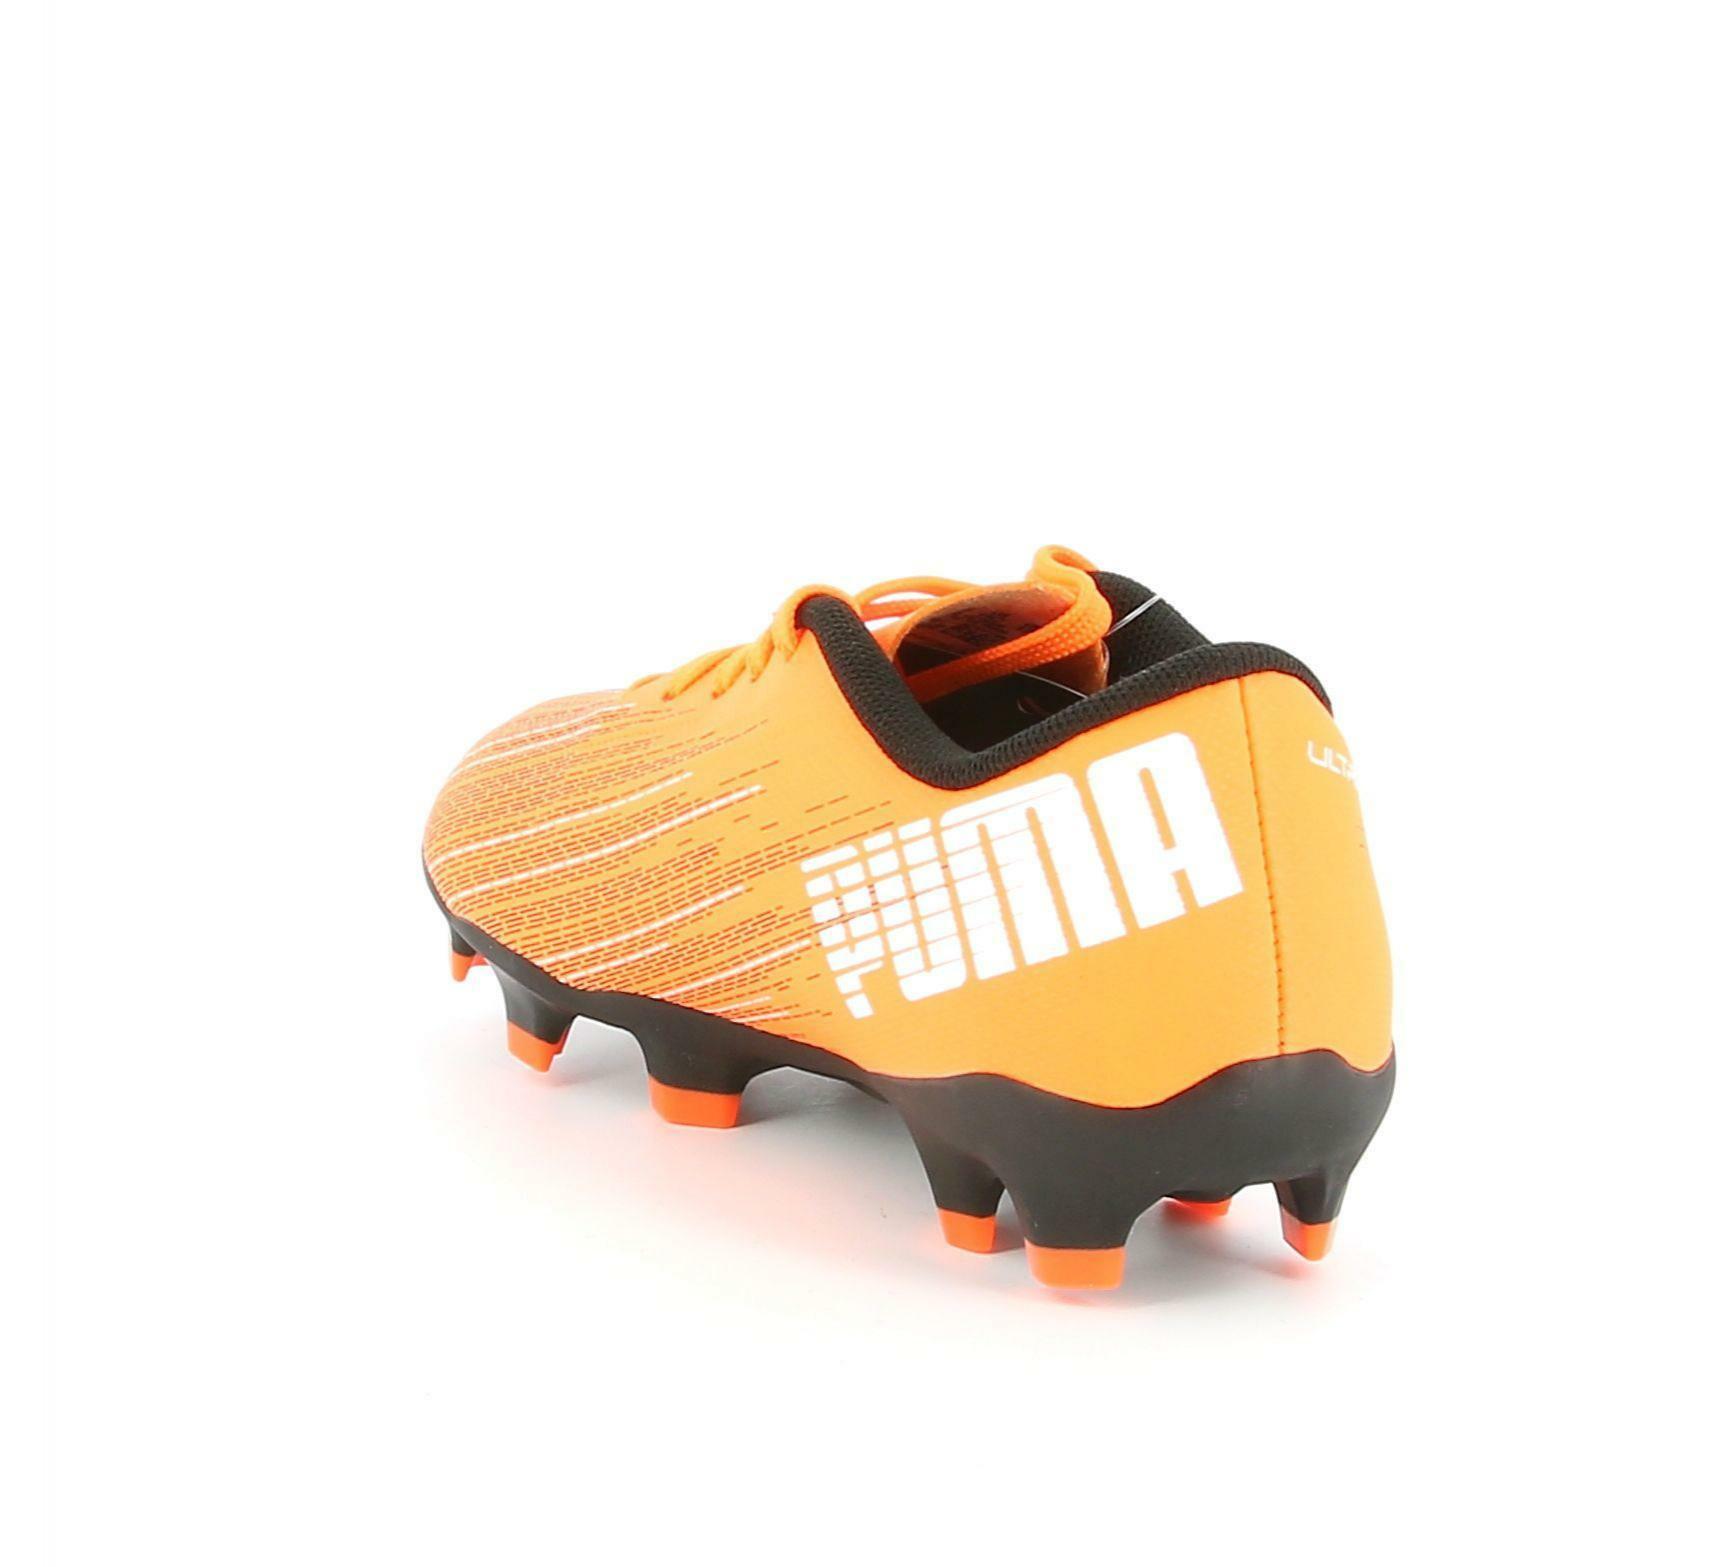 puma puma ultra 4. fg/ag jr 106100 001 arancio scarpe calcio bambino